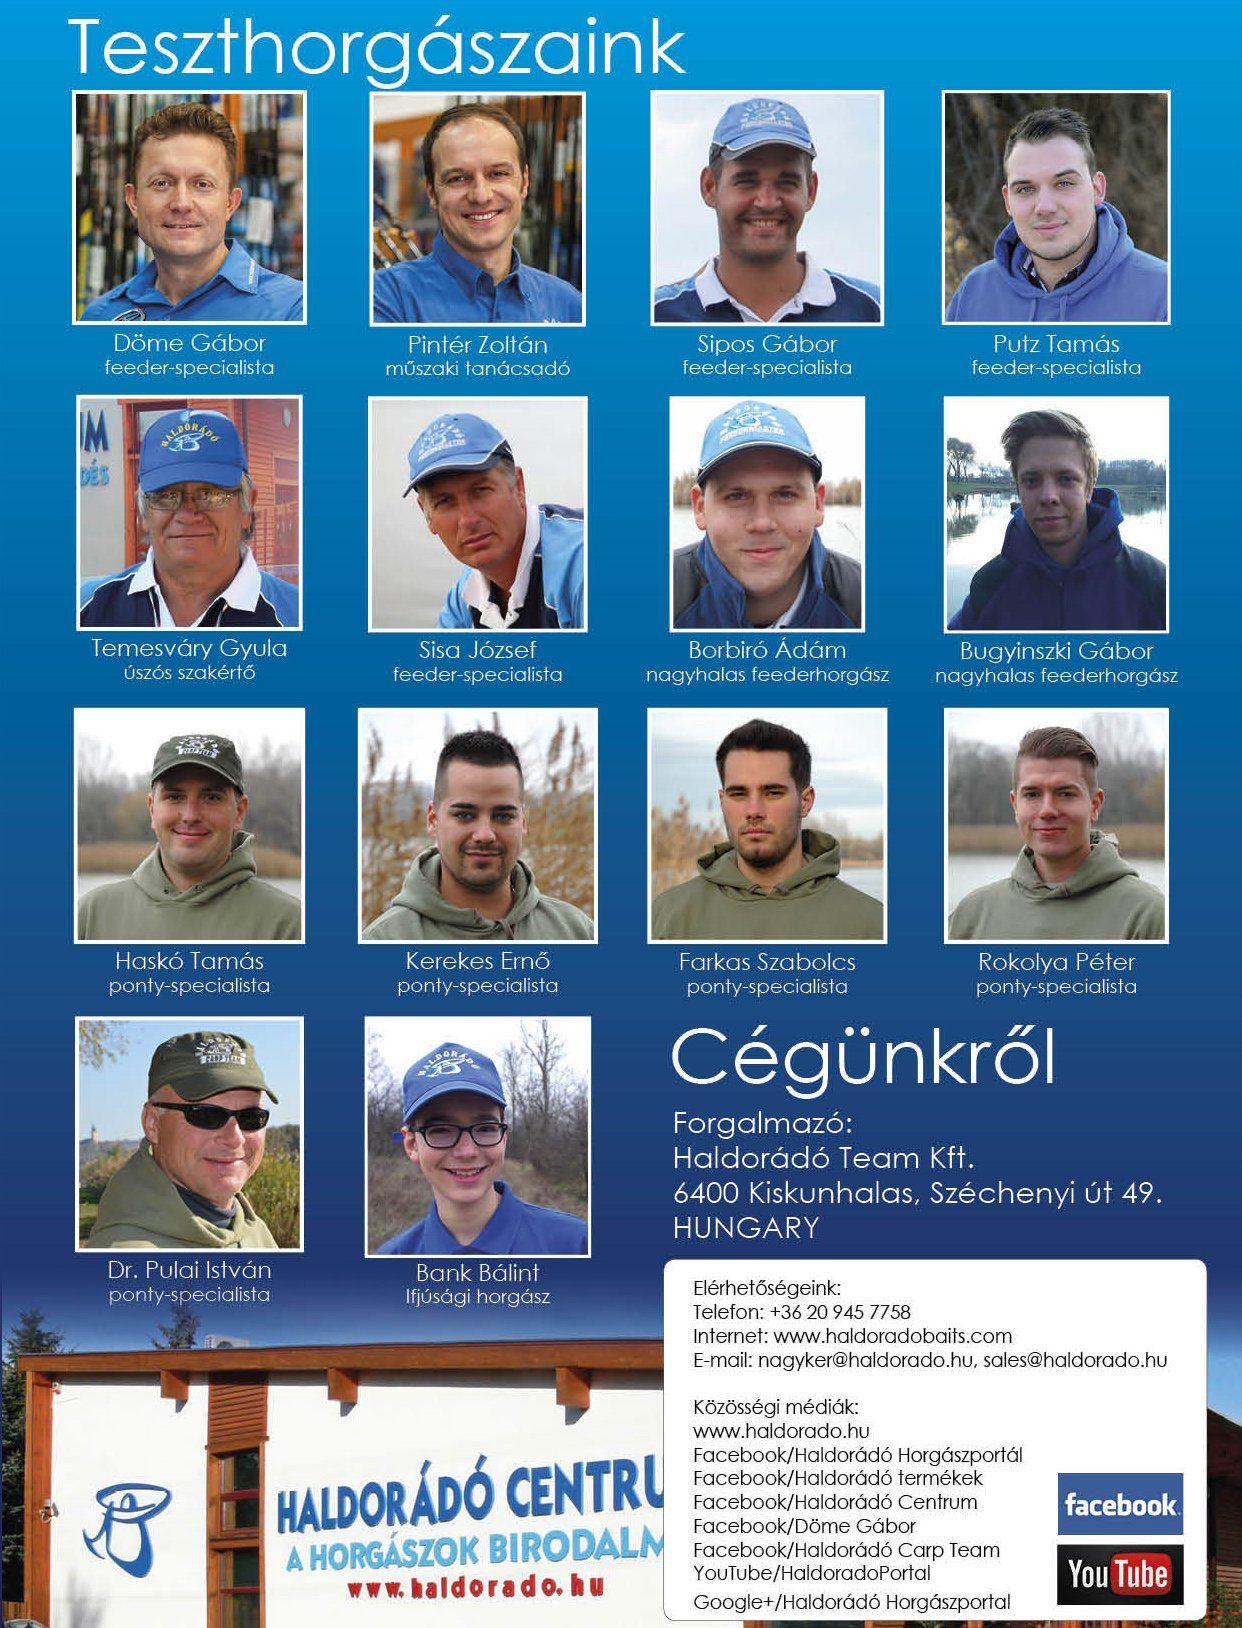 Nyolc év alatt sok tehetséges horgász csatlakozott a csapatunkhoz, közülük többen ma már a cég főállású munkatársaiként dolgoznak azon, hogy folyamatosan újabb és még magasabb színvonalú termékeket, illetve tudásanyagot adhassunk a horgászoknak